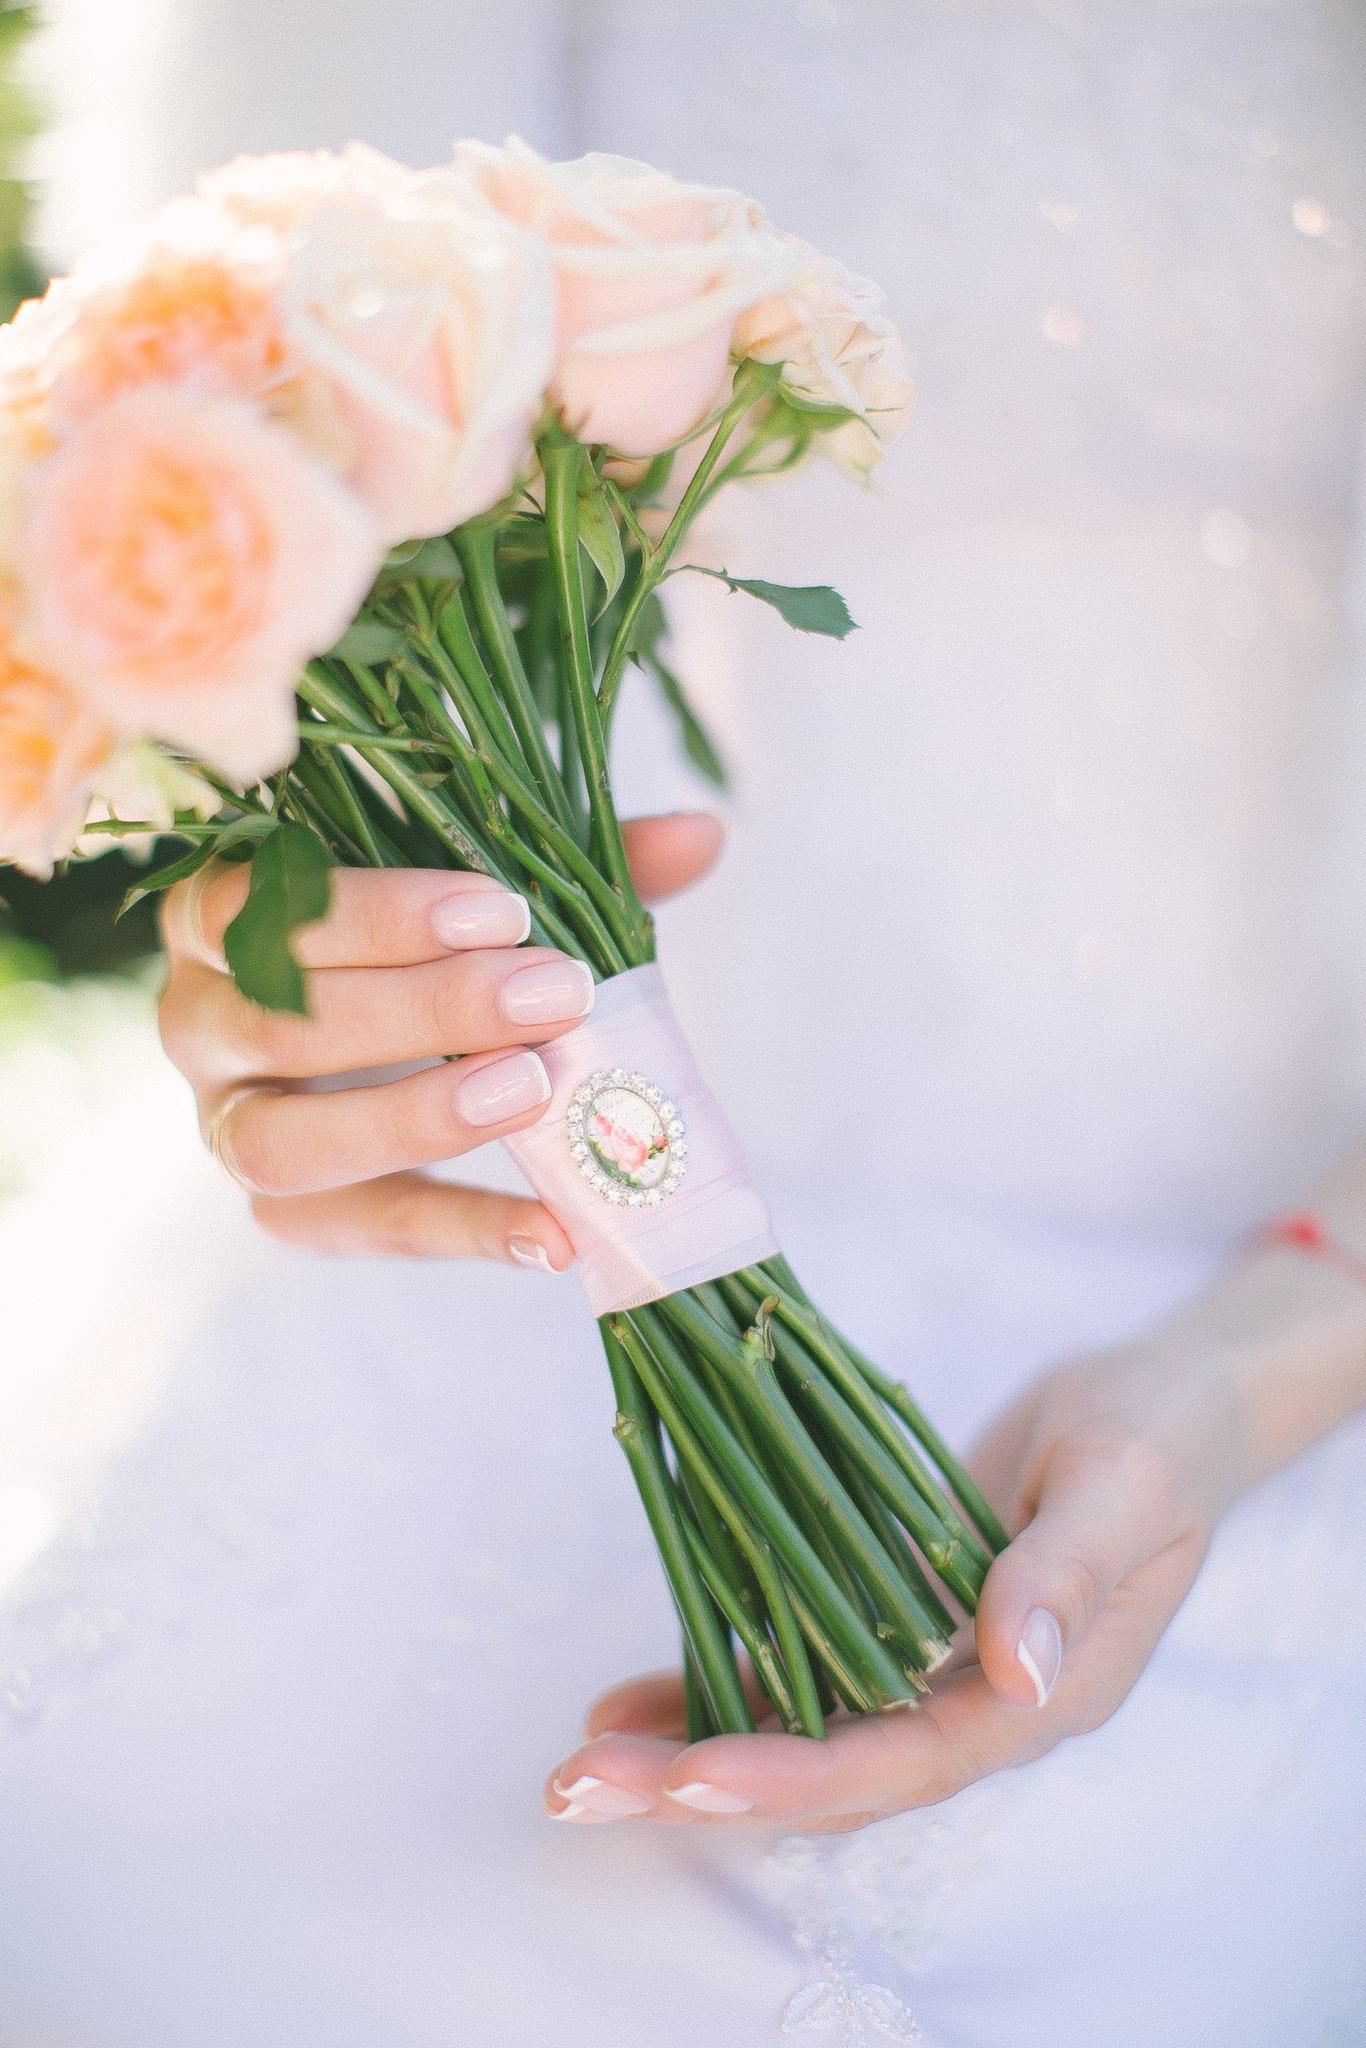 нежный букет из кремовых роз